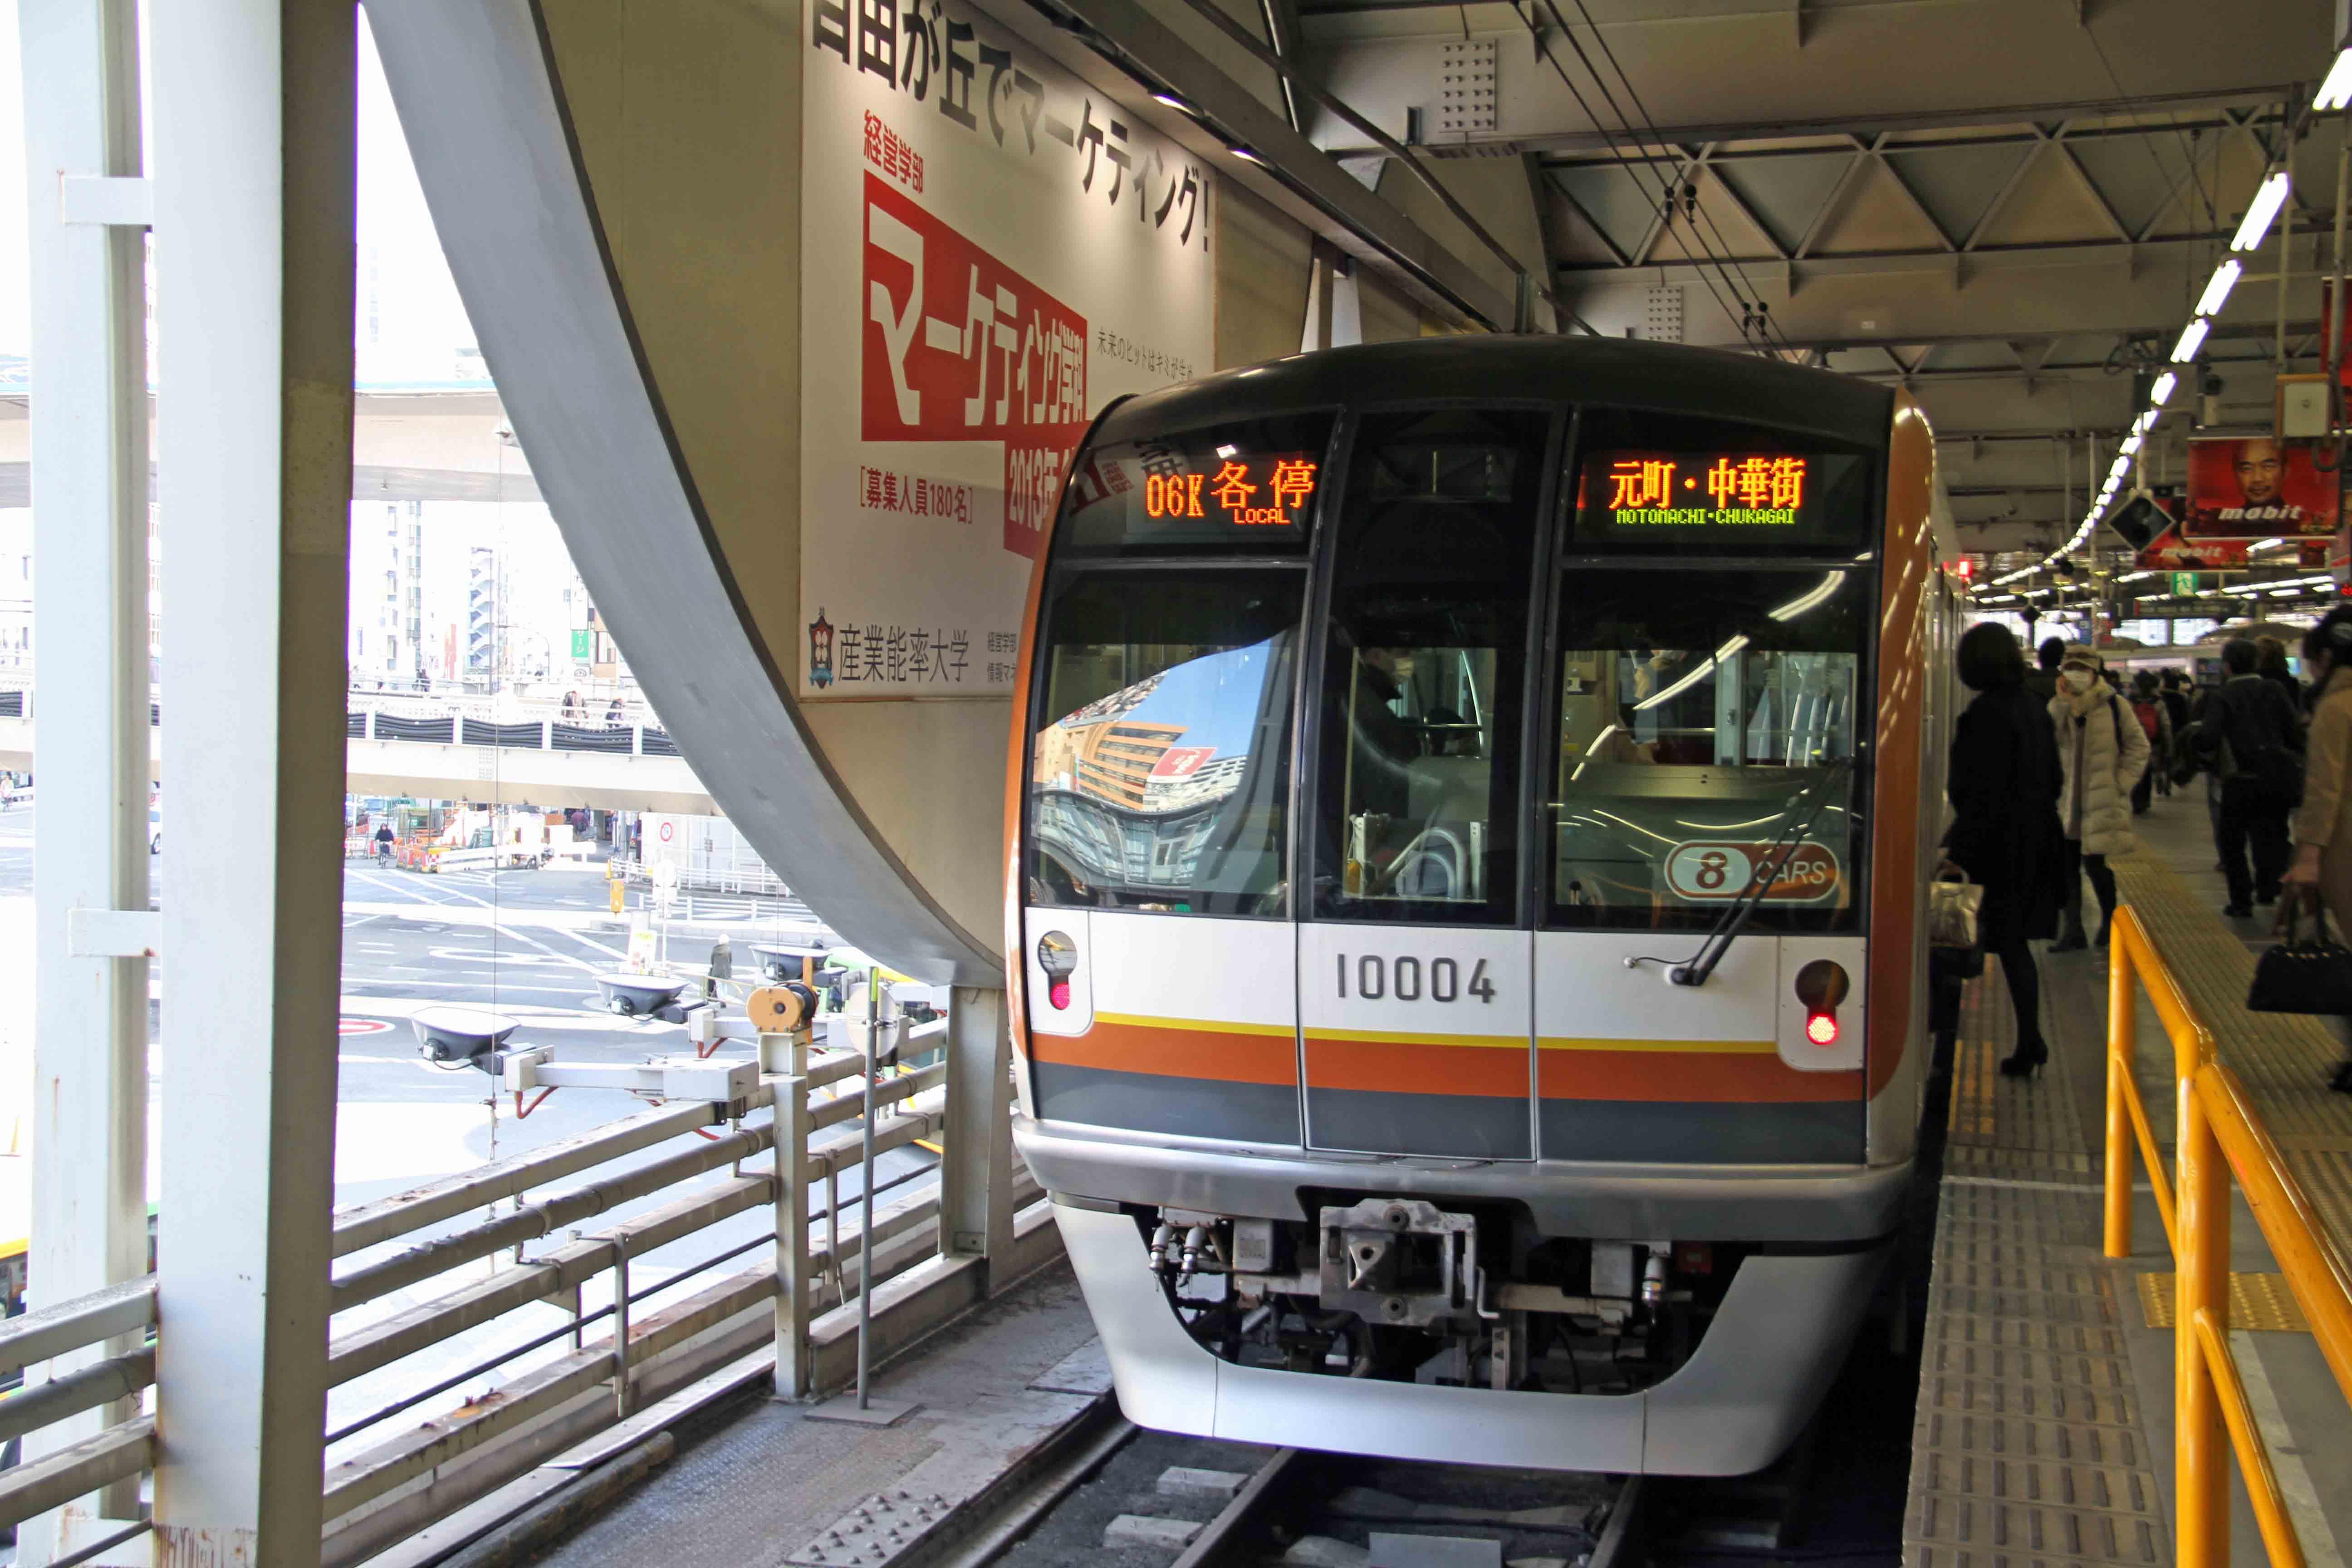 旧渋谷駅に停車する東京メトロ10000系電車